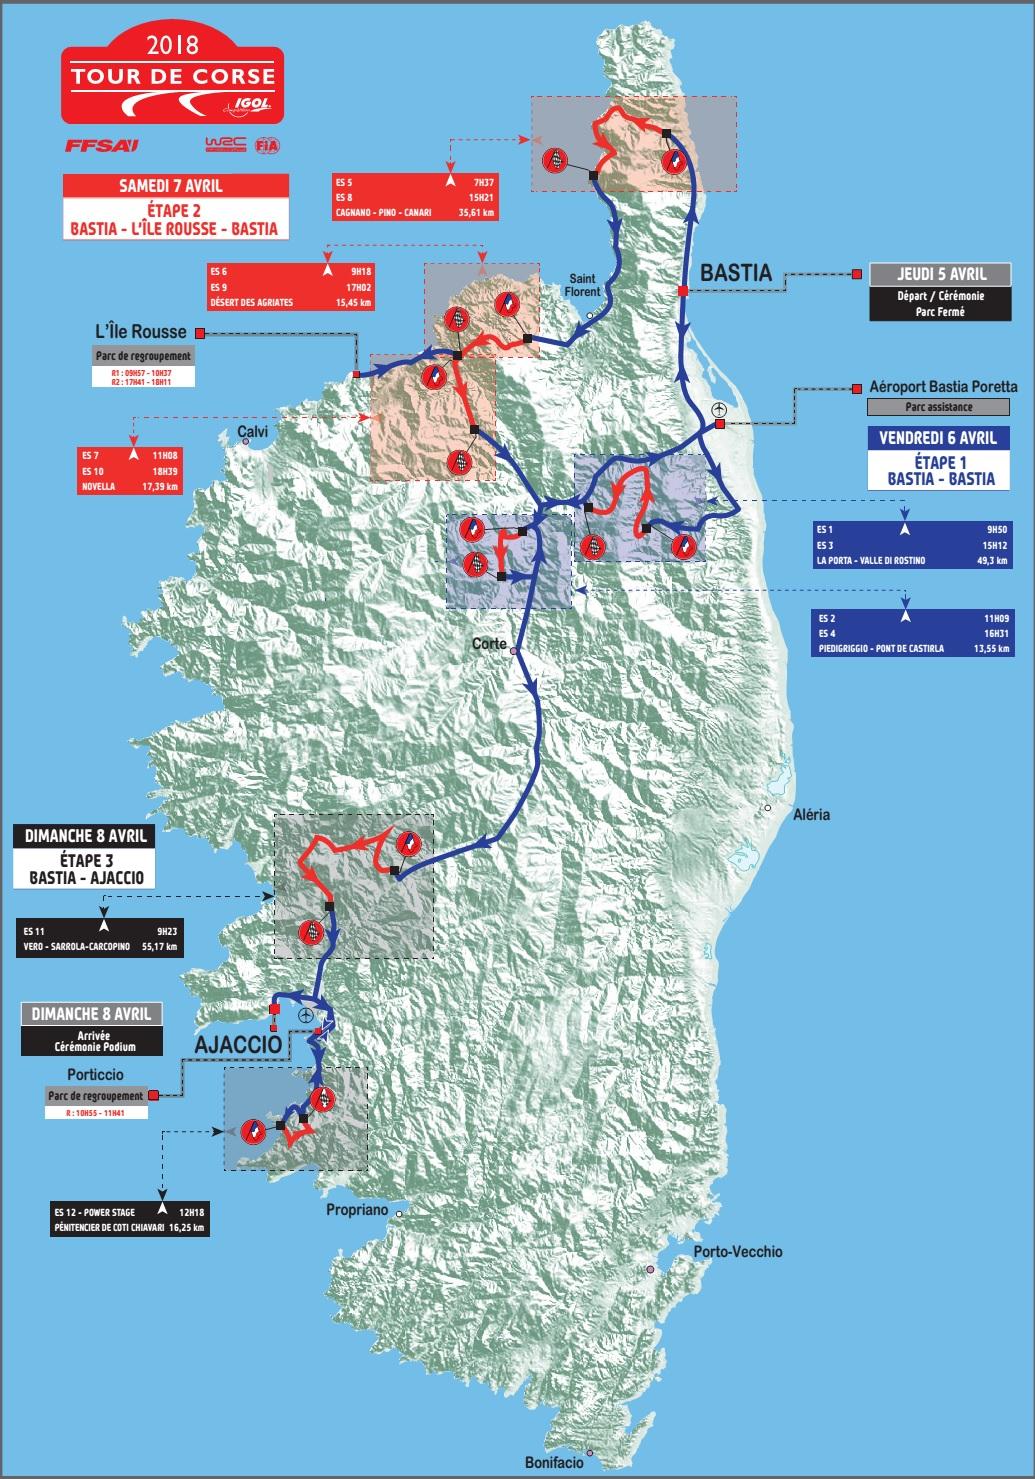 40 ans après Bastia redevient ville de départ  du Tour de Corse automobile